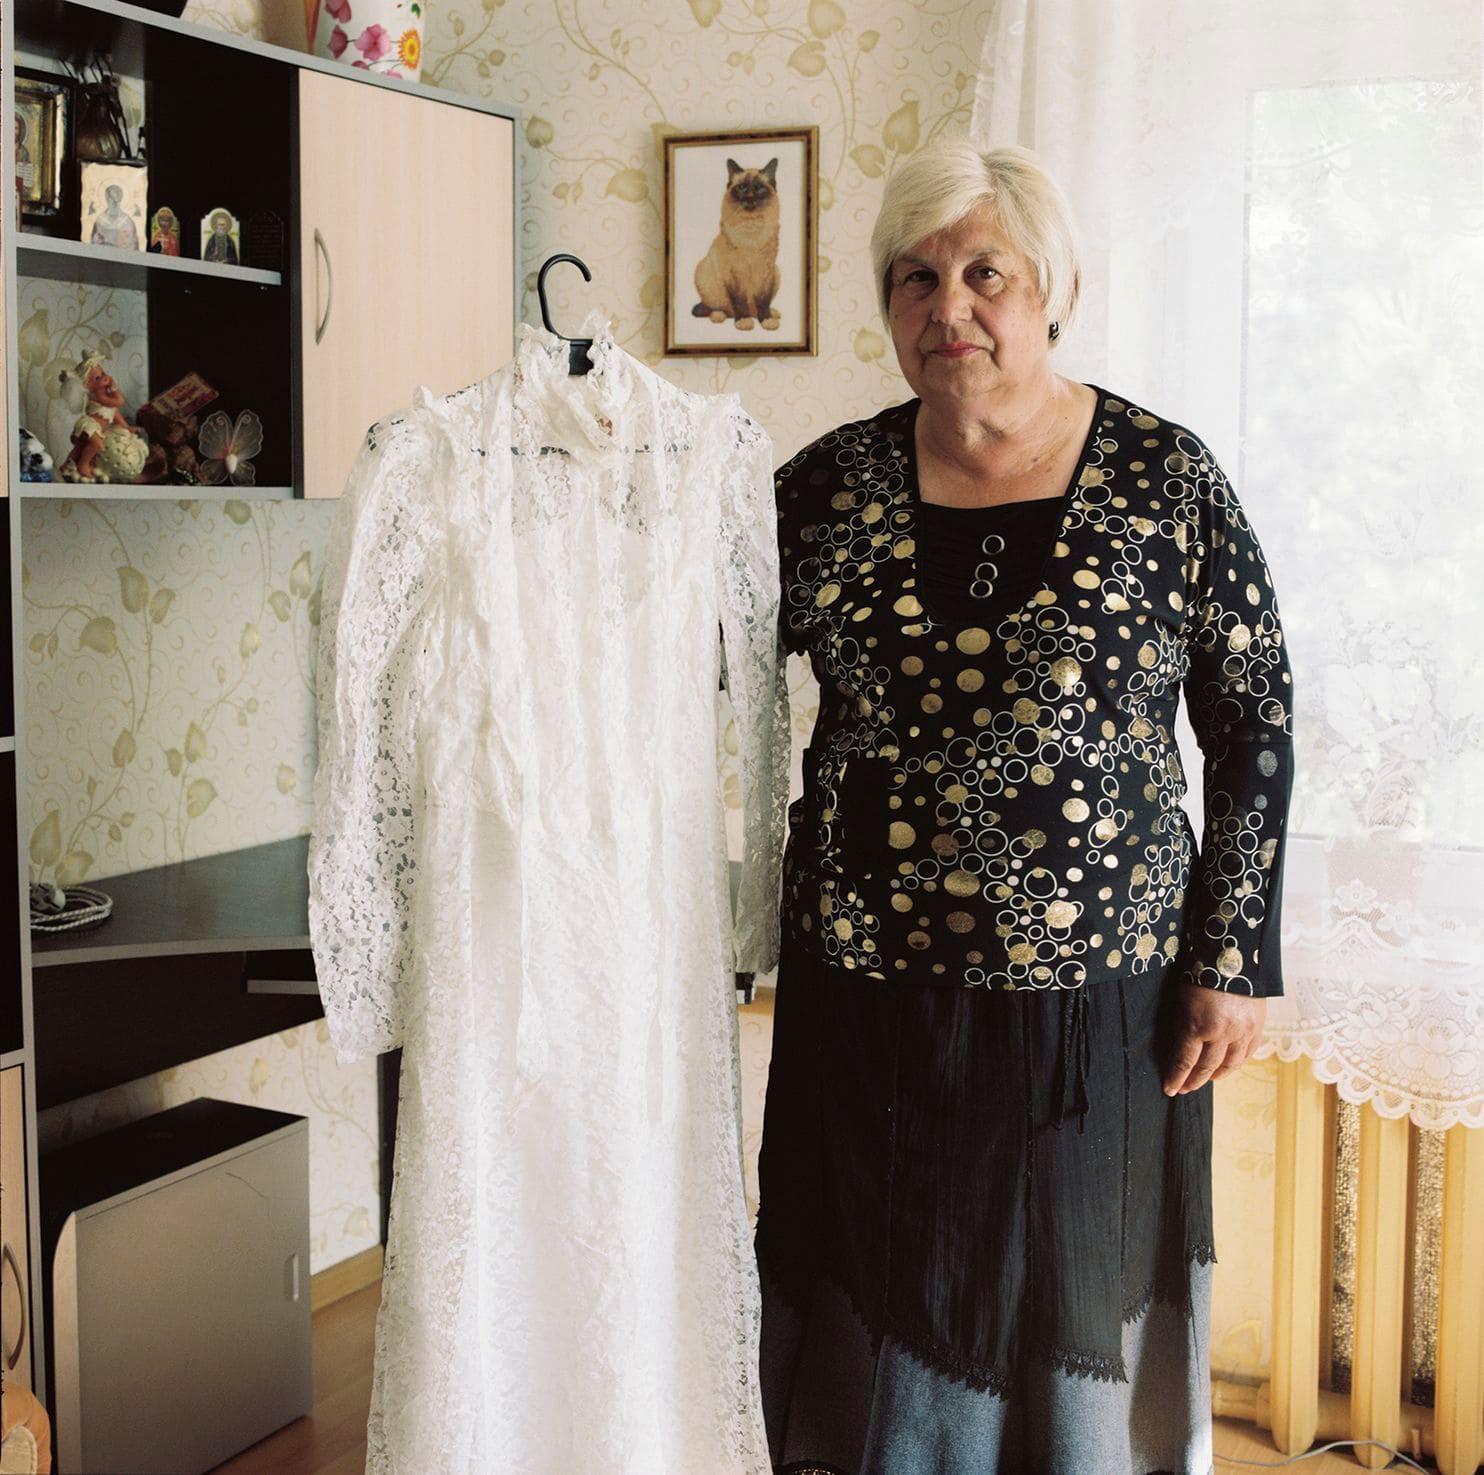 Lý do gì khiến phụ nữ ở Belarus luôn giữ gìn váy cưới cẩn thận suốt hàng chục năm? - Ảnh 10.